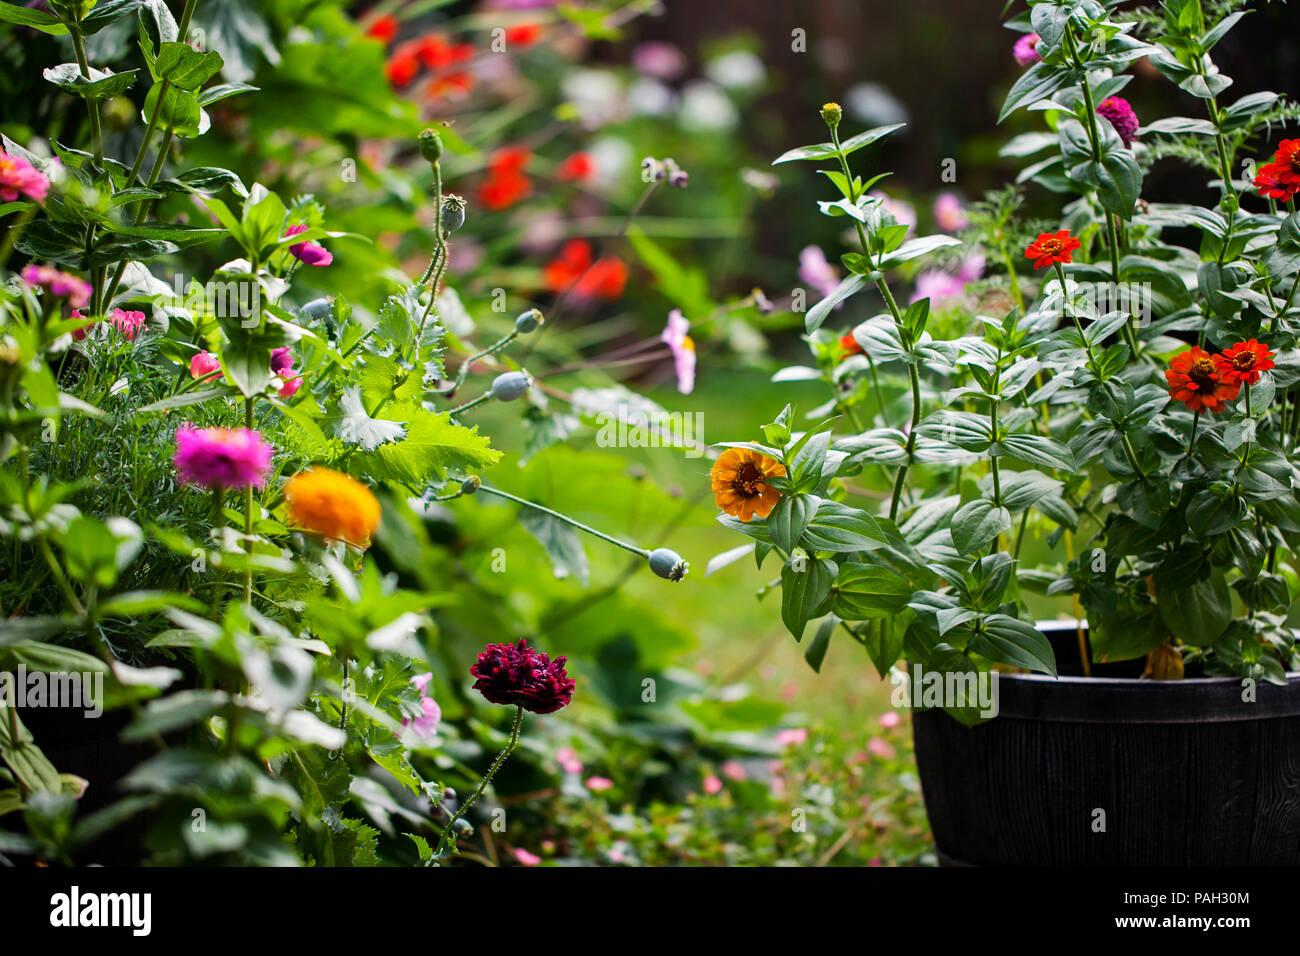 Jardin en été en pleine floraison Banque D'Images